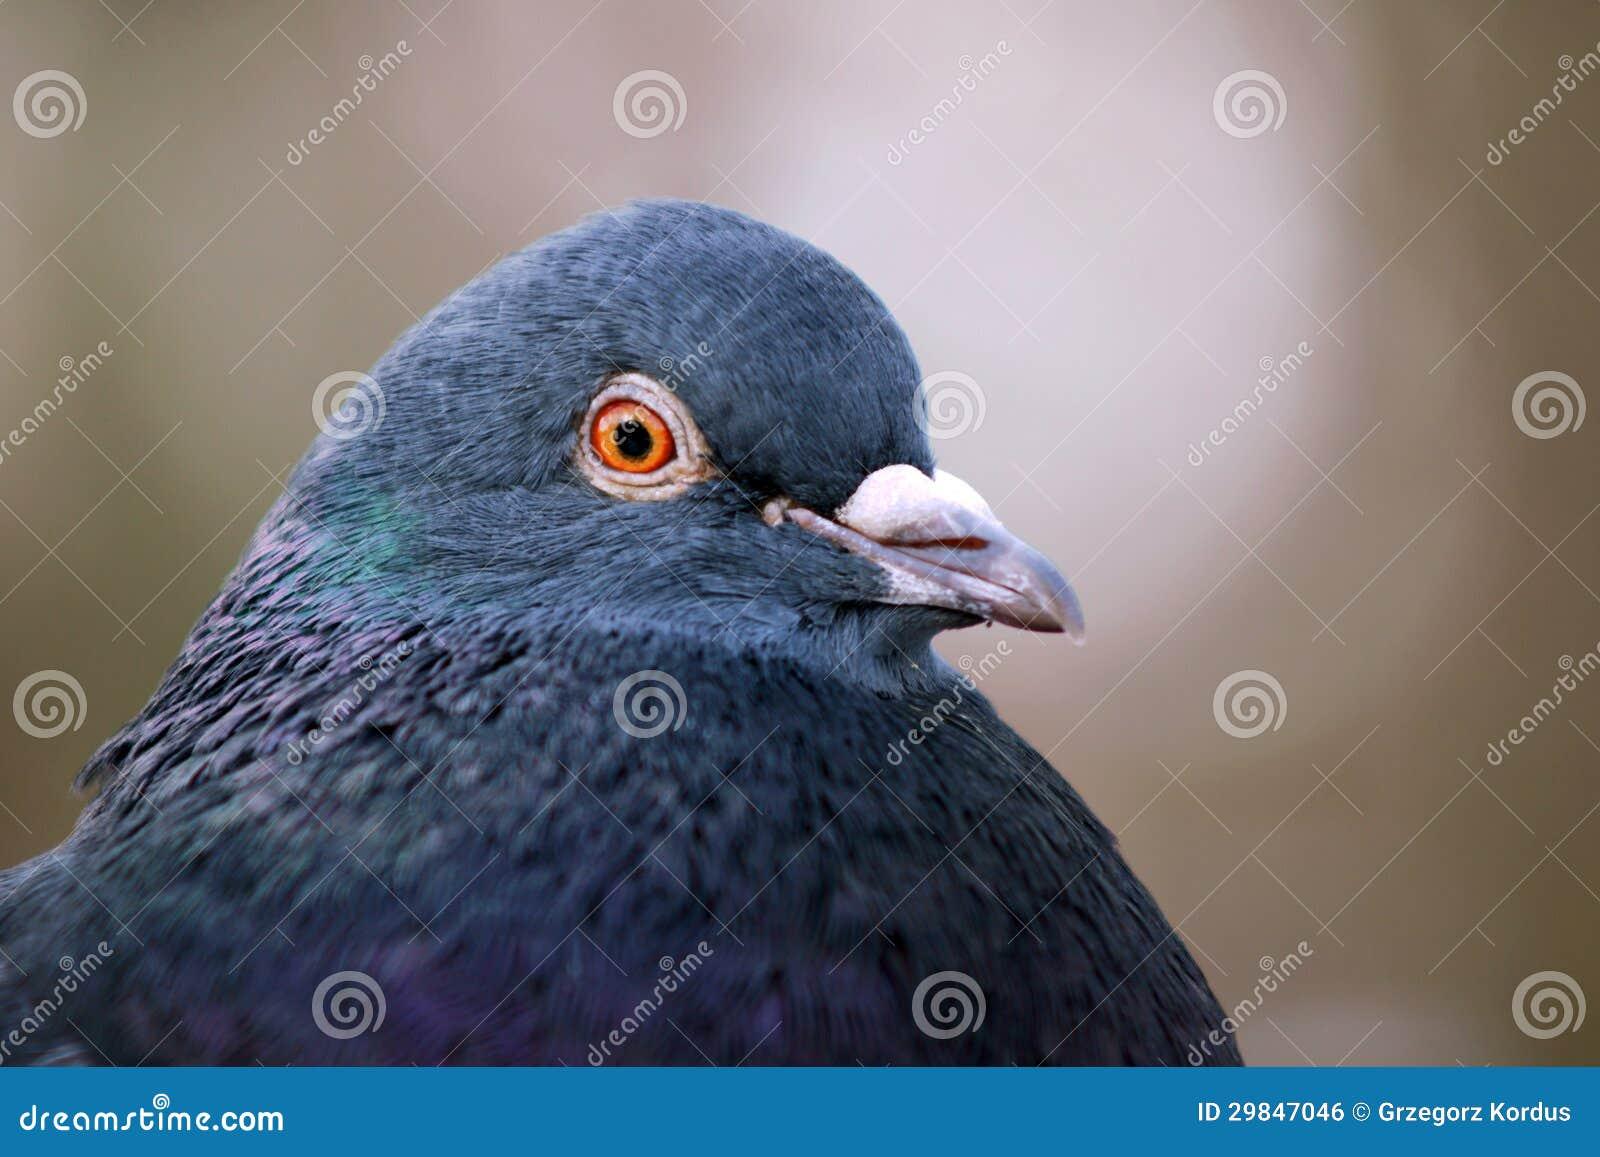 Retrato de um pombo cinzento